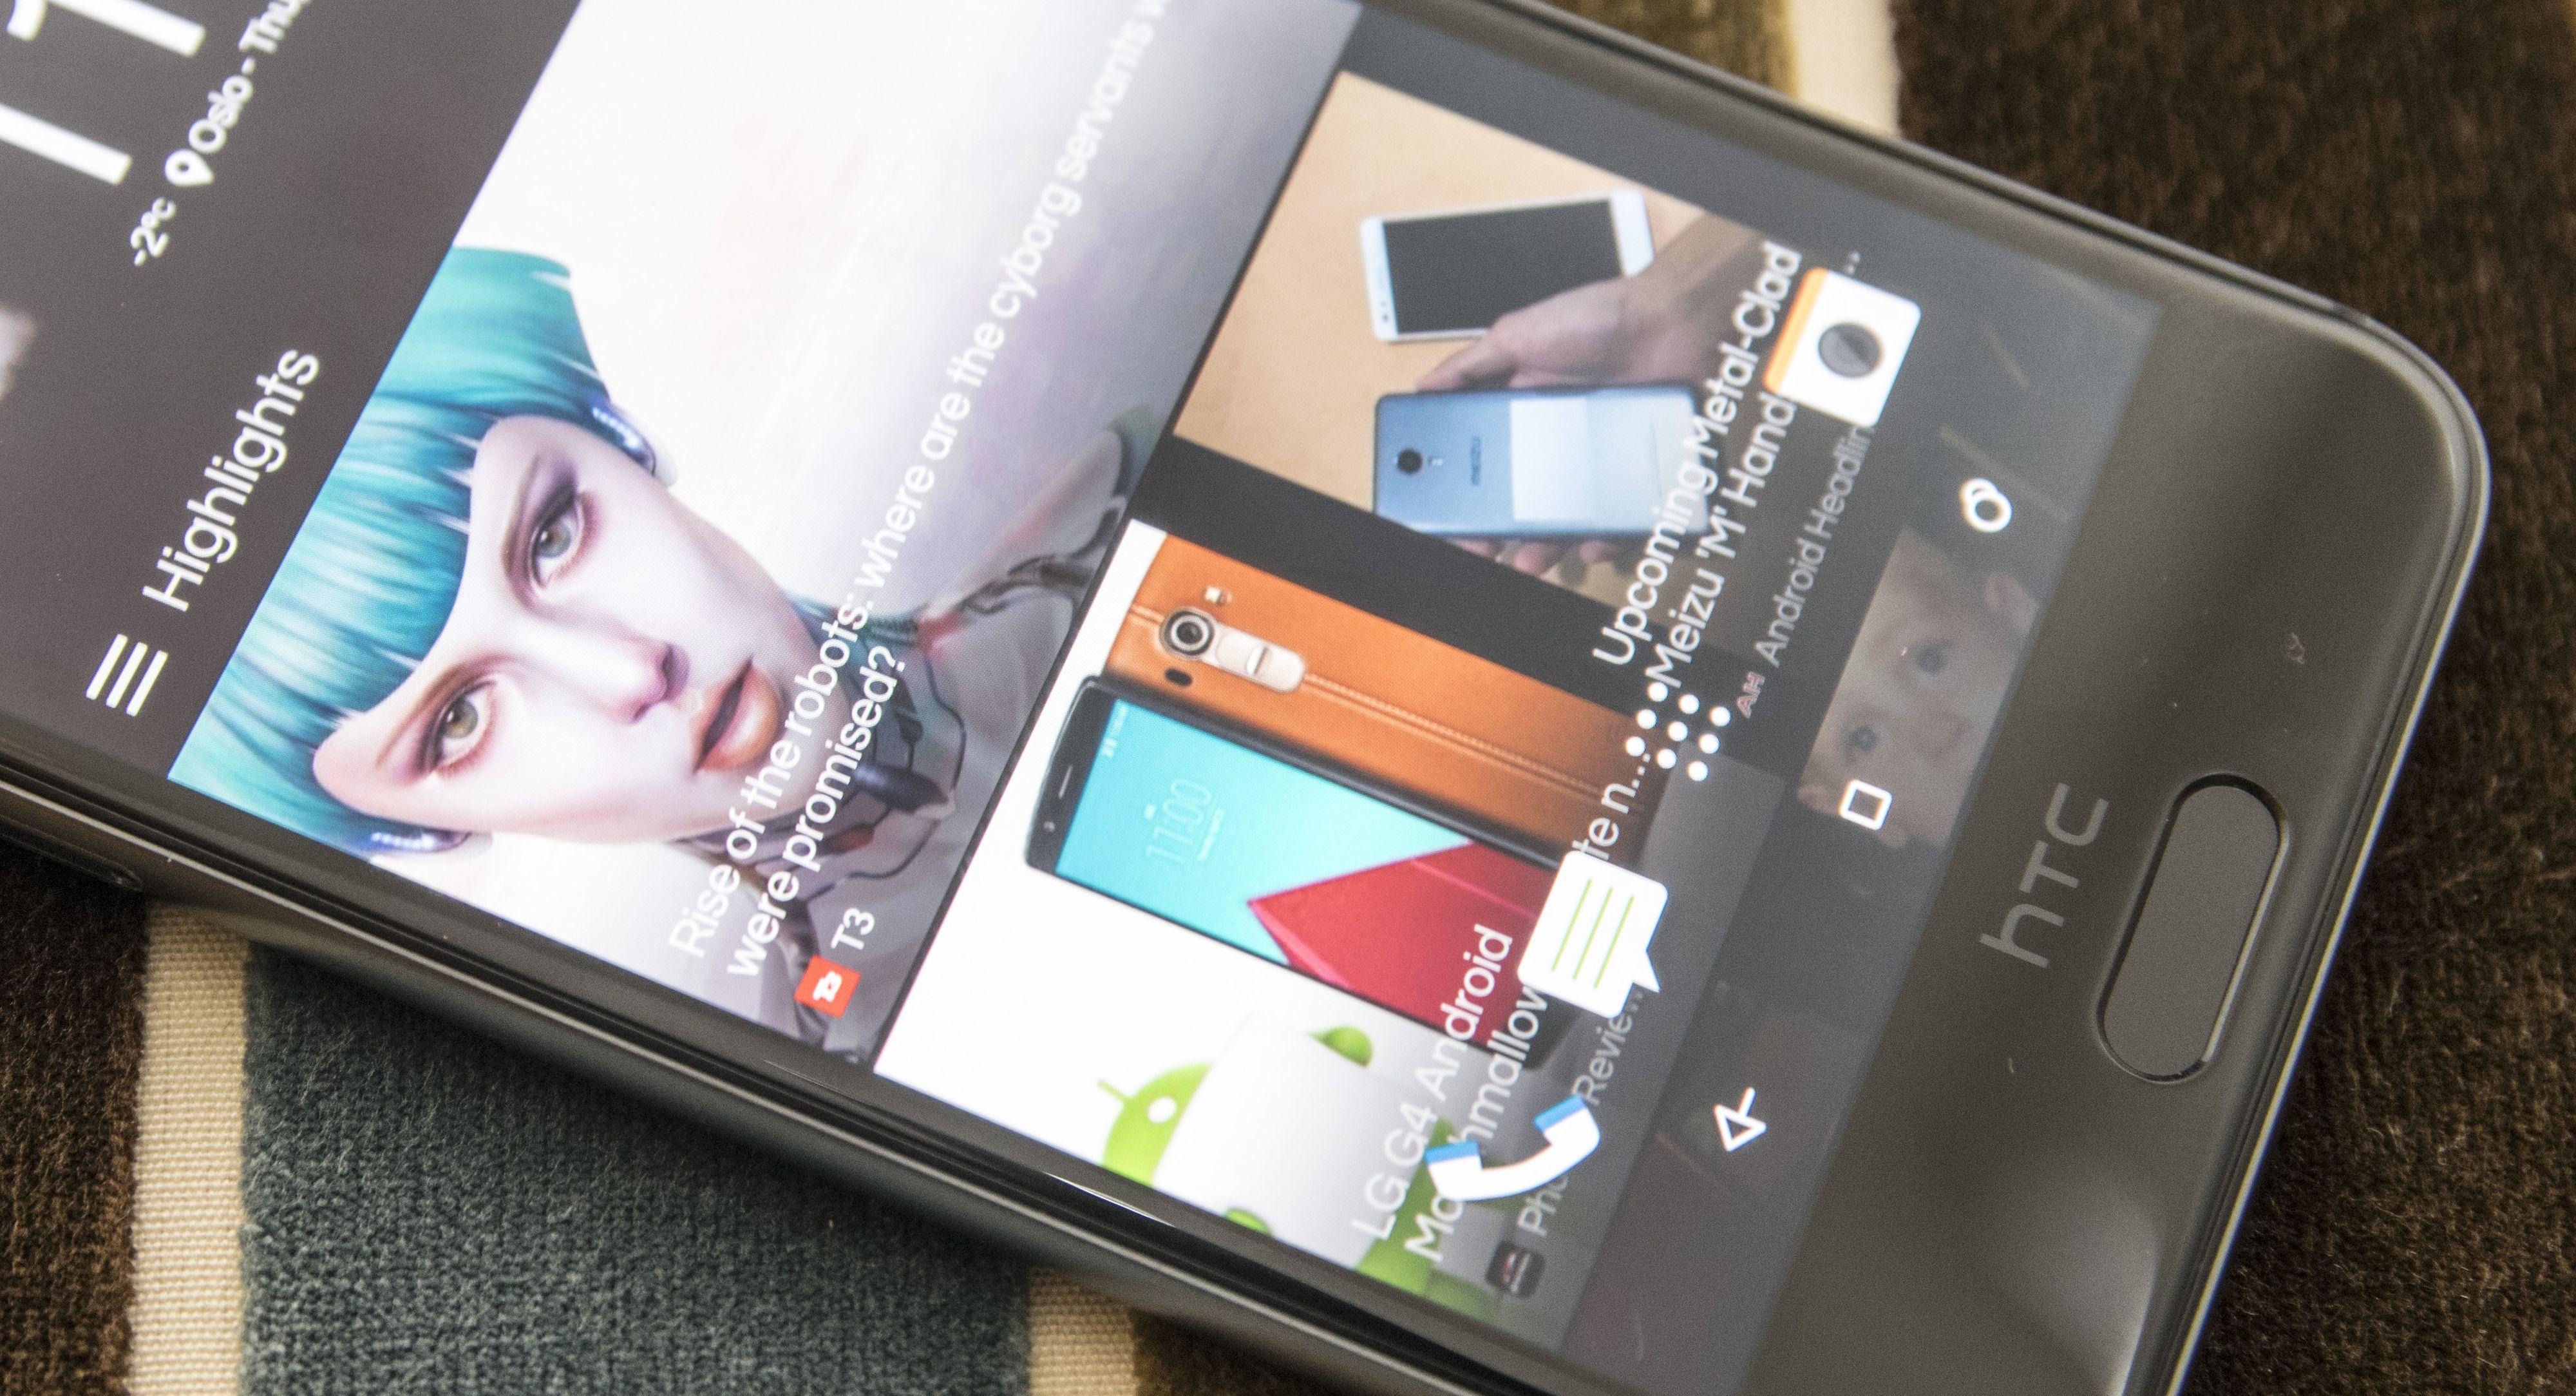 HTC har fortsatt nyhetstjenesten BlinkFeed på en av hjemmeskjermene. Foto: Finn Jarle Kvalheim, Tek.no